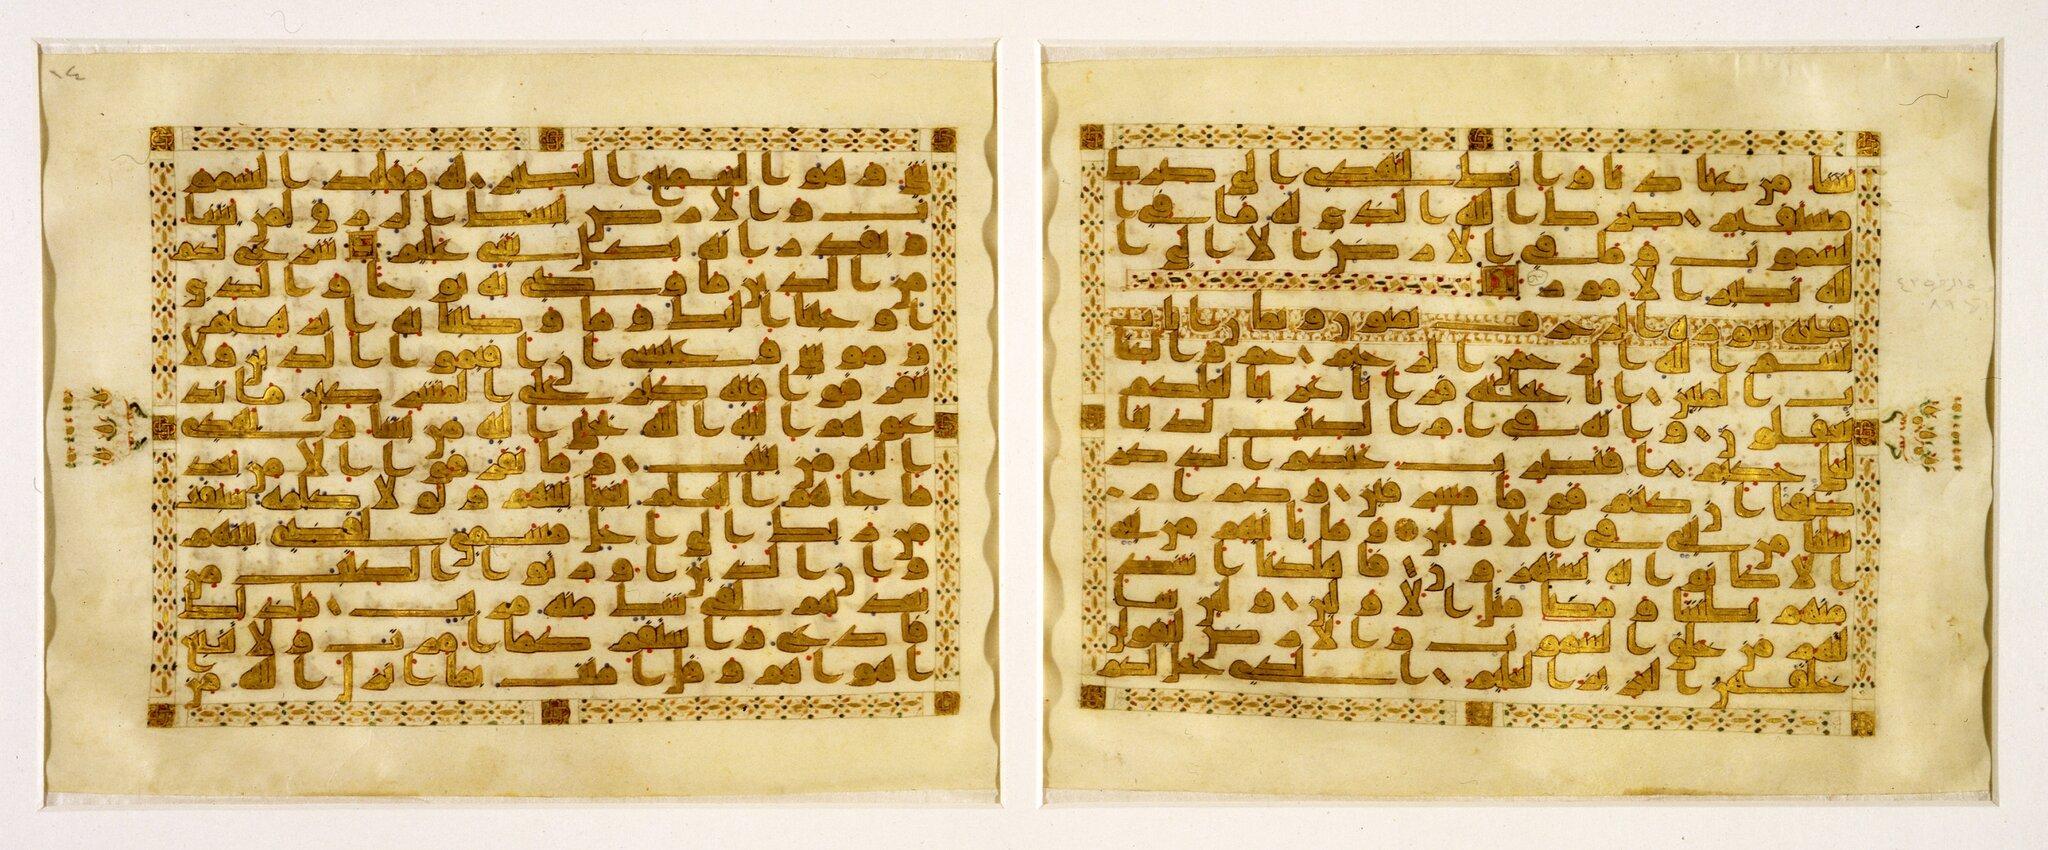 Karty zegzemplarza Koranu zIX wieku Karty zegzemplarza Koranu zIX wieku Źródło: Wikimedia Commons, licencja: CC 0.